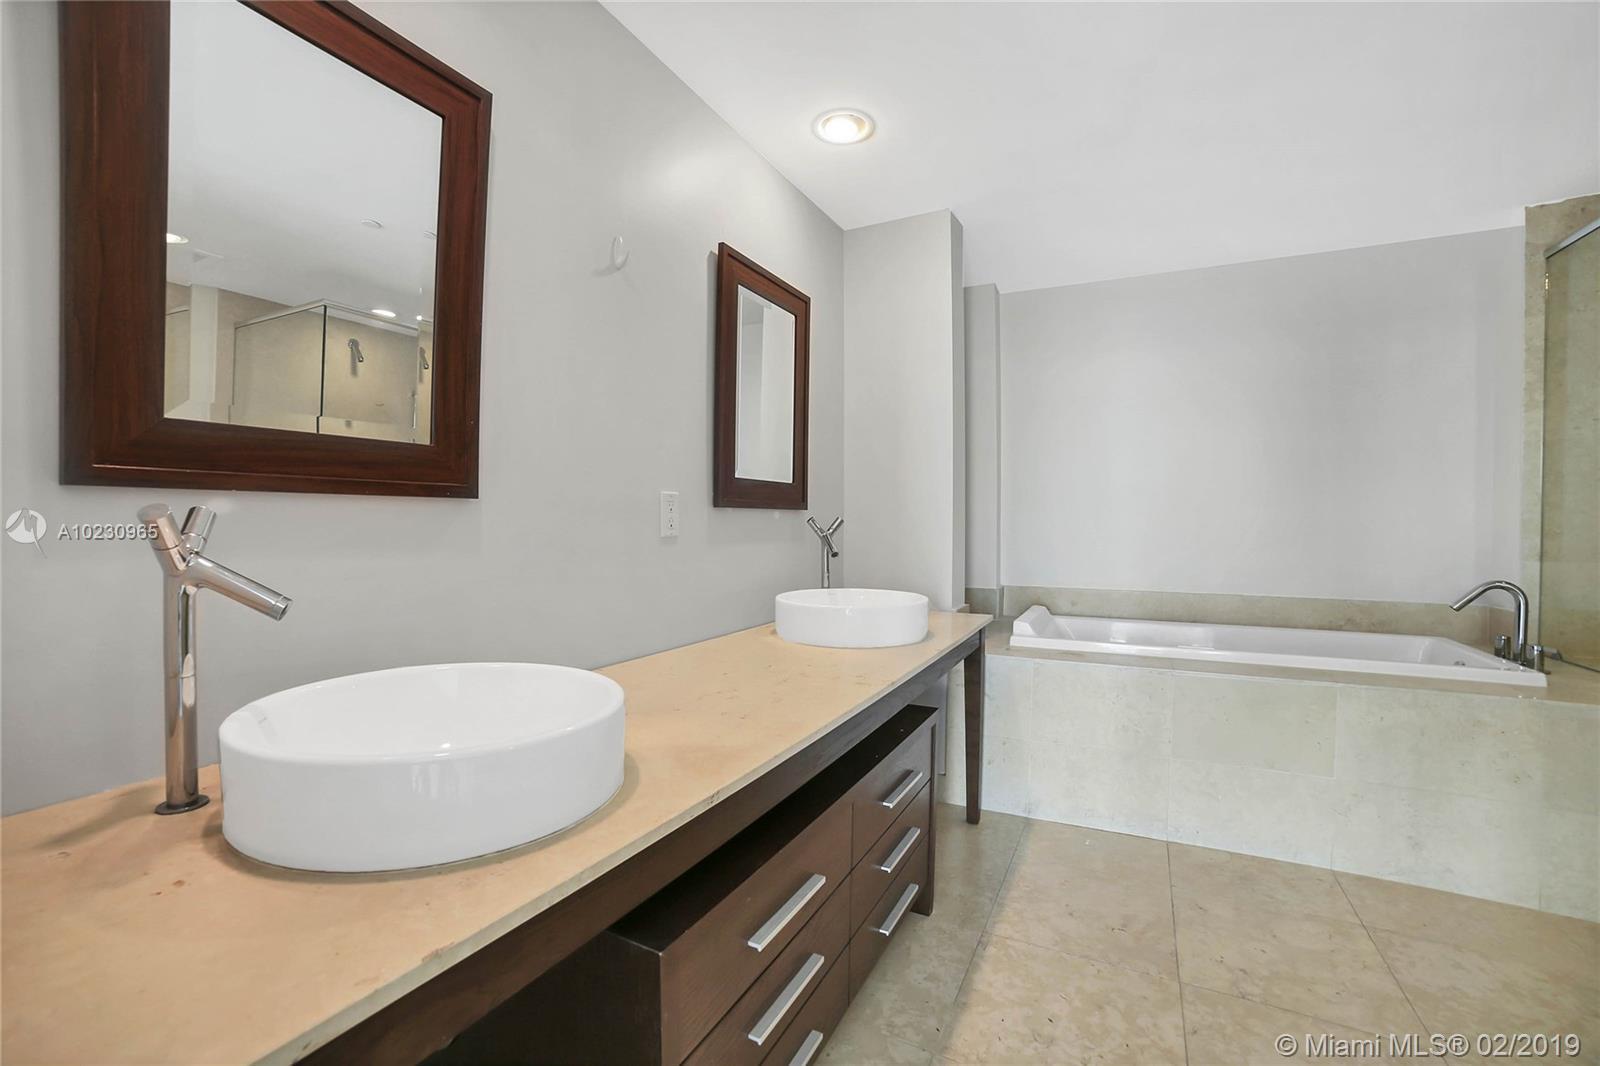 495 Brickell Ave, Miami, FL 33131, Icon Brickell II #5505, Brickell, Miami A10230965 image #10